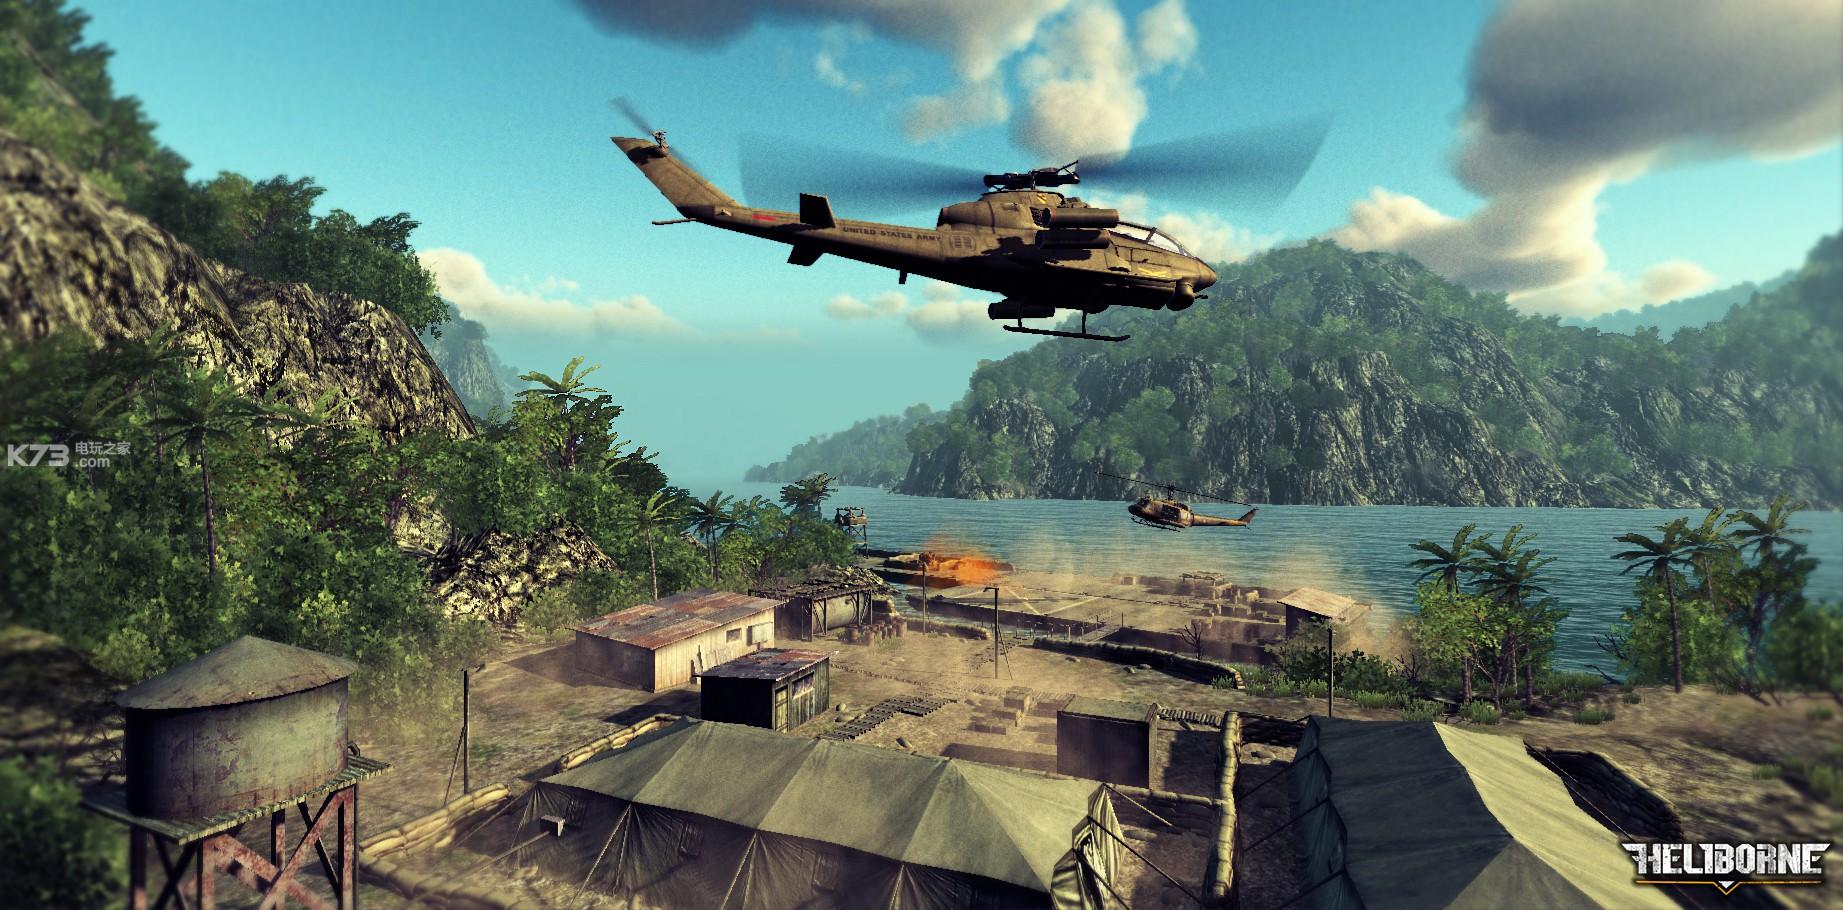 模拟直升机单机游戏_直升机突击硬盘版下载-k73游戏之家